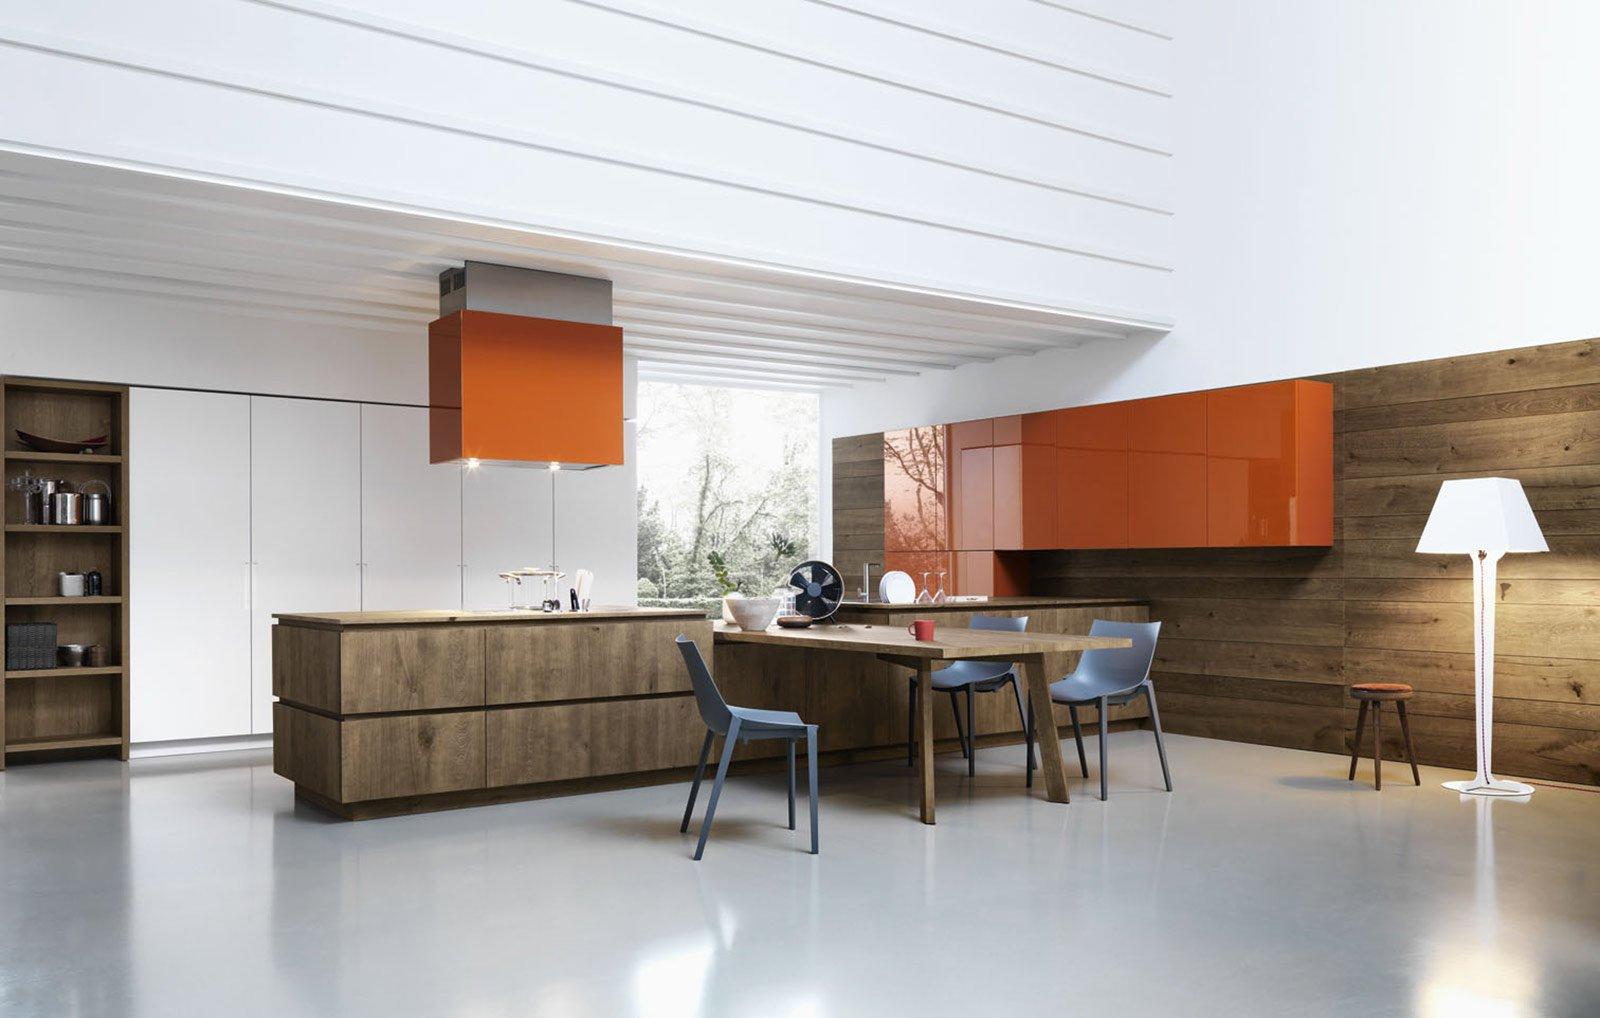 Cucine Moderne In Legno Cose Di Casa Pictures To Pin On Pinterest #A85323 1600 1018 Cucine Moderne Di Legno